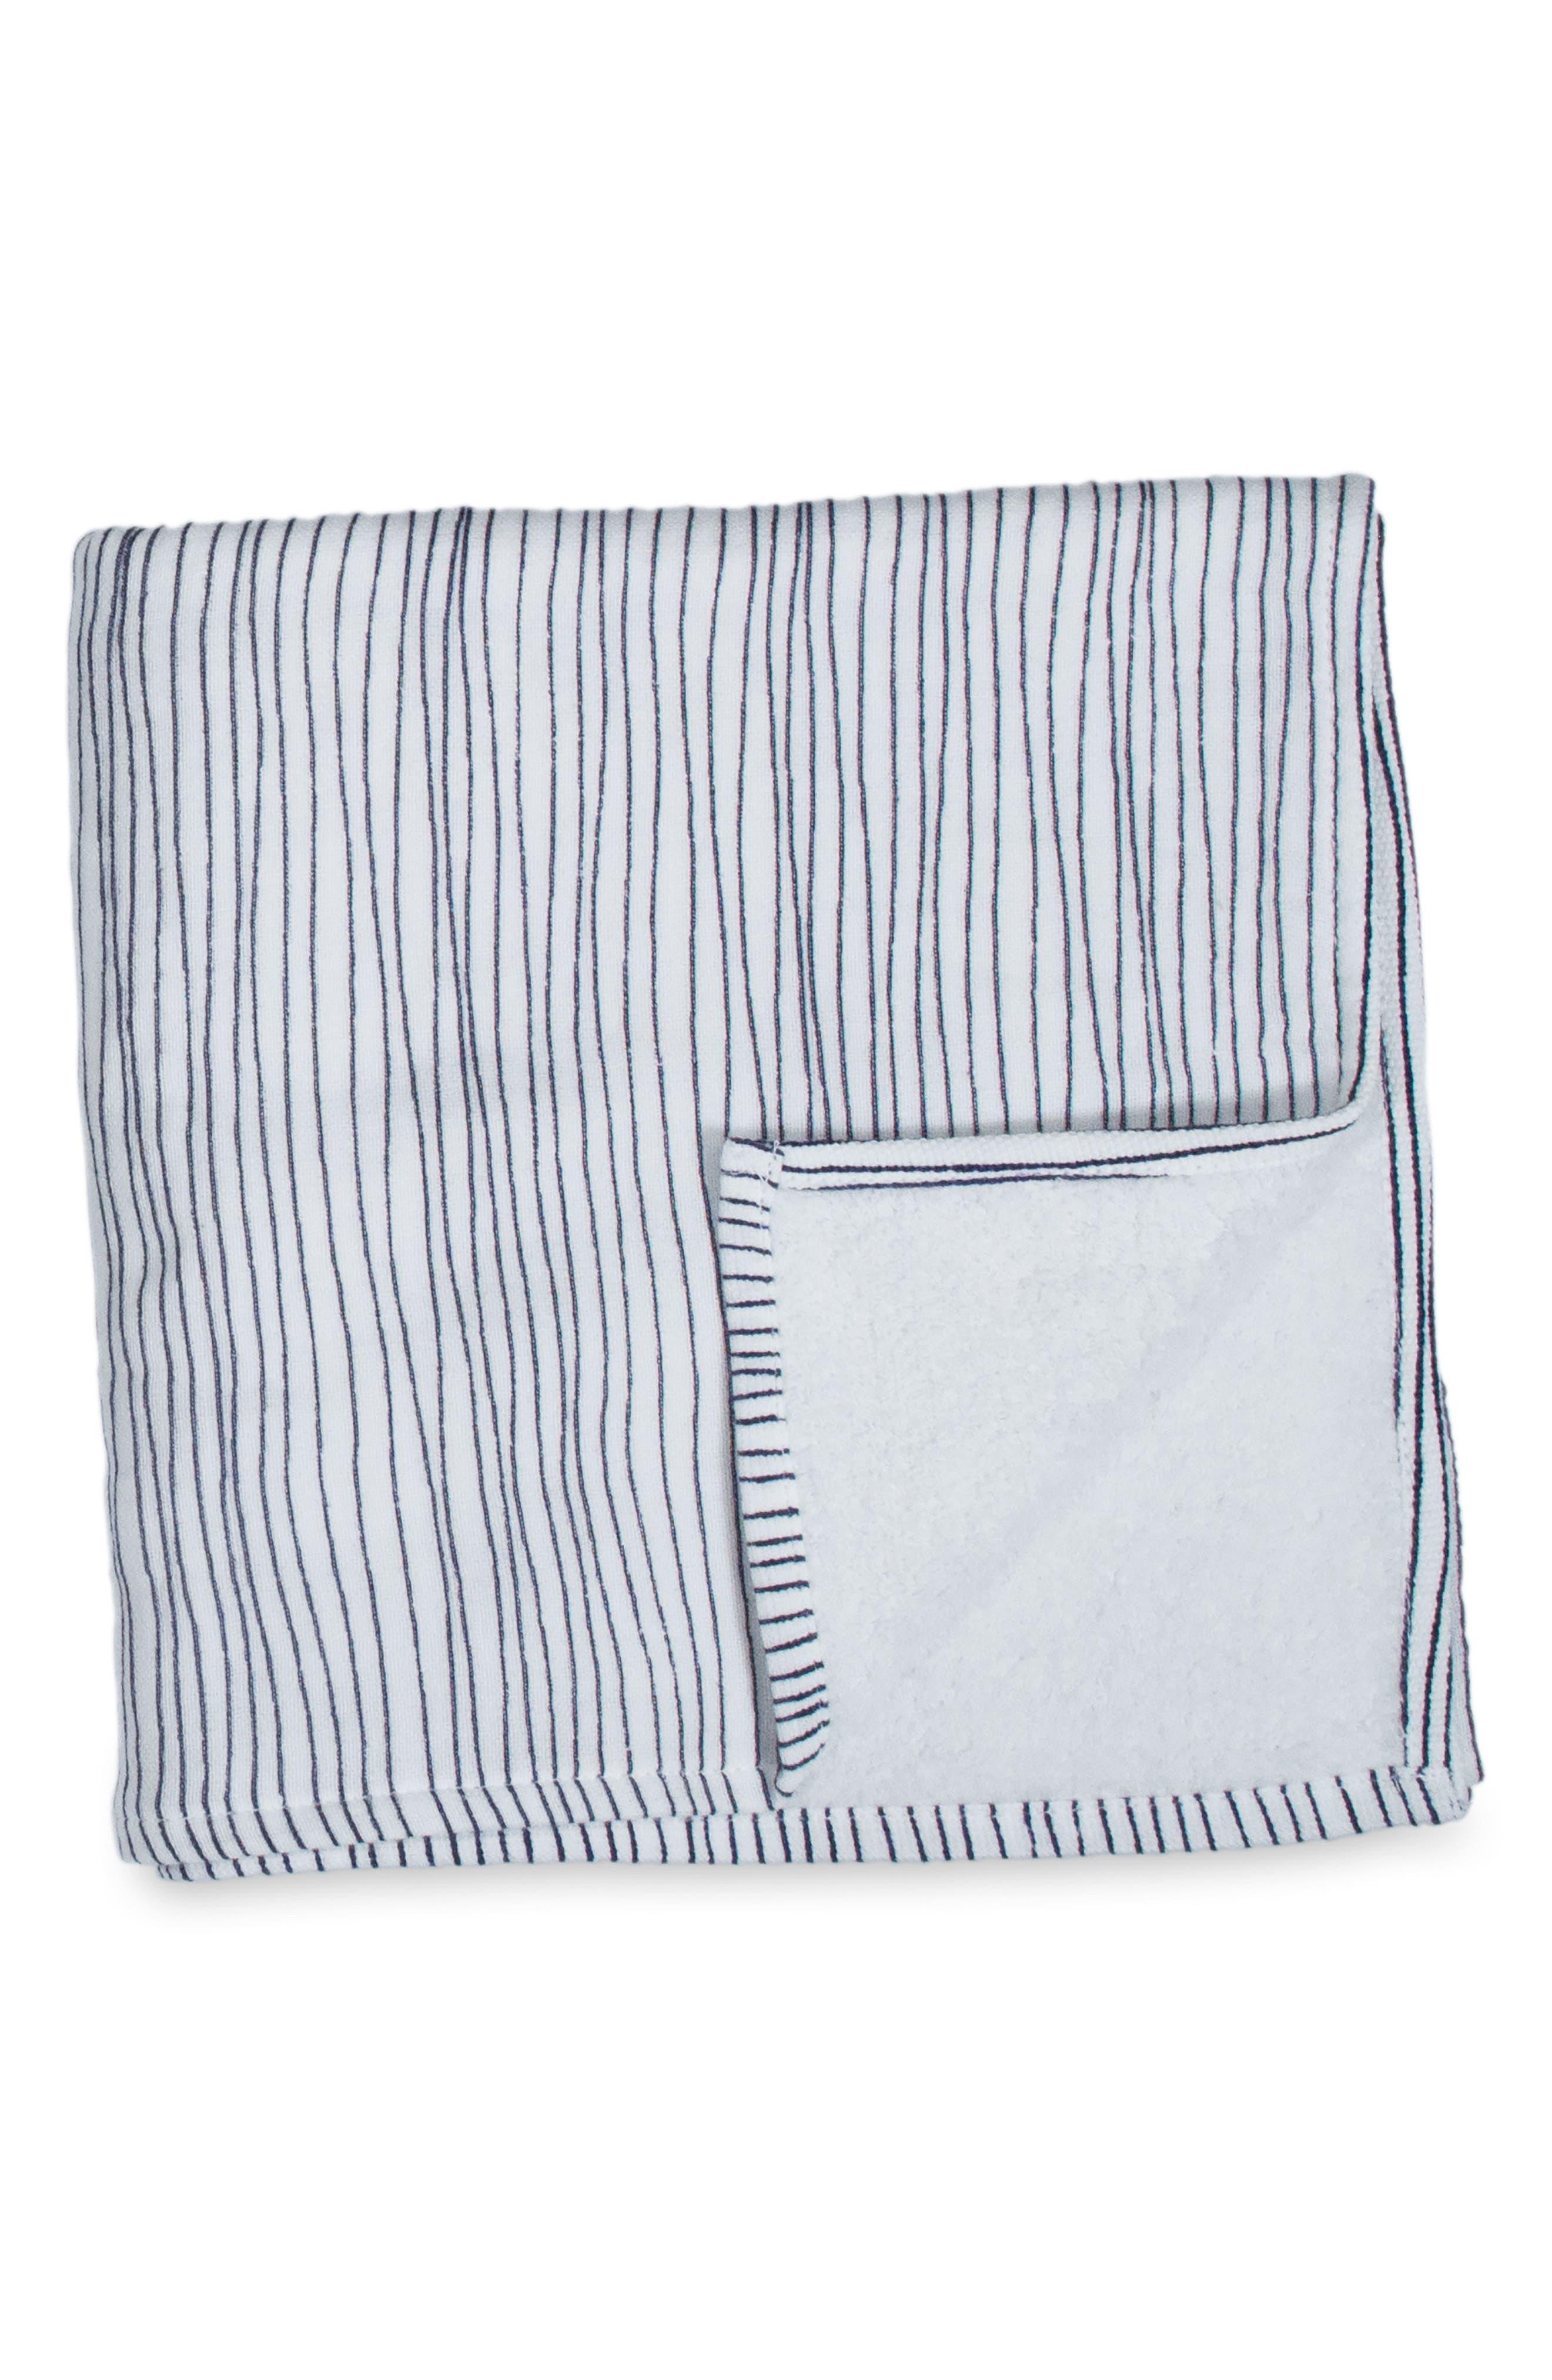 Main Image - Uchino Zero Twist Stripe Washcloth